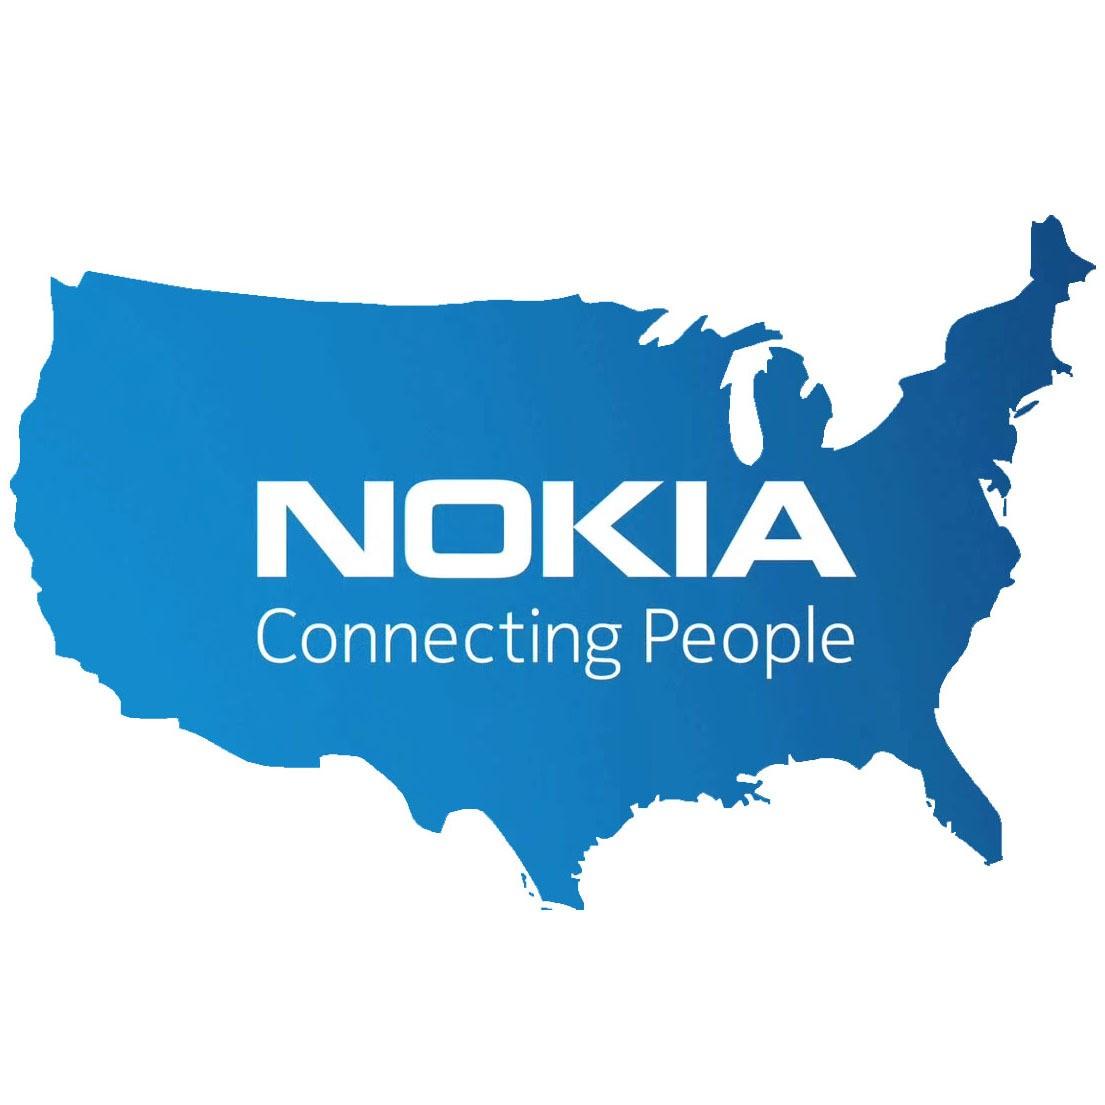 [Opinion] Le marché américain : un mal nécessaire pour Nokia ?